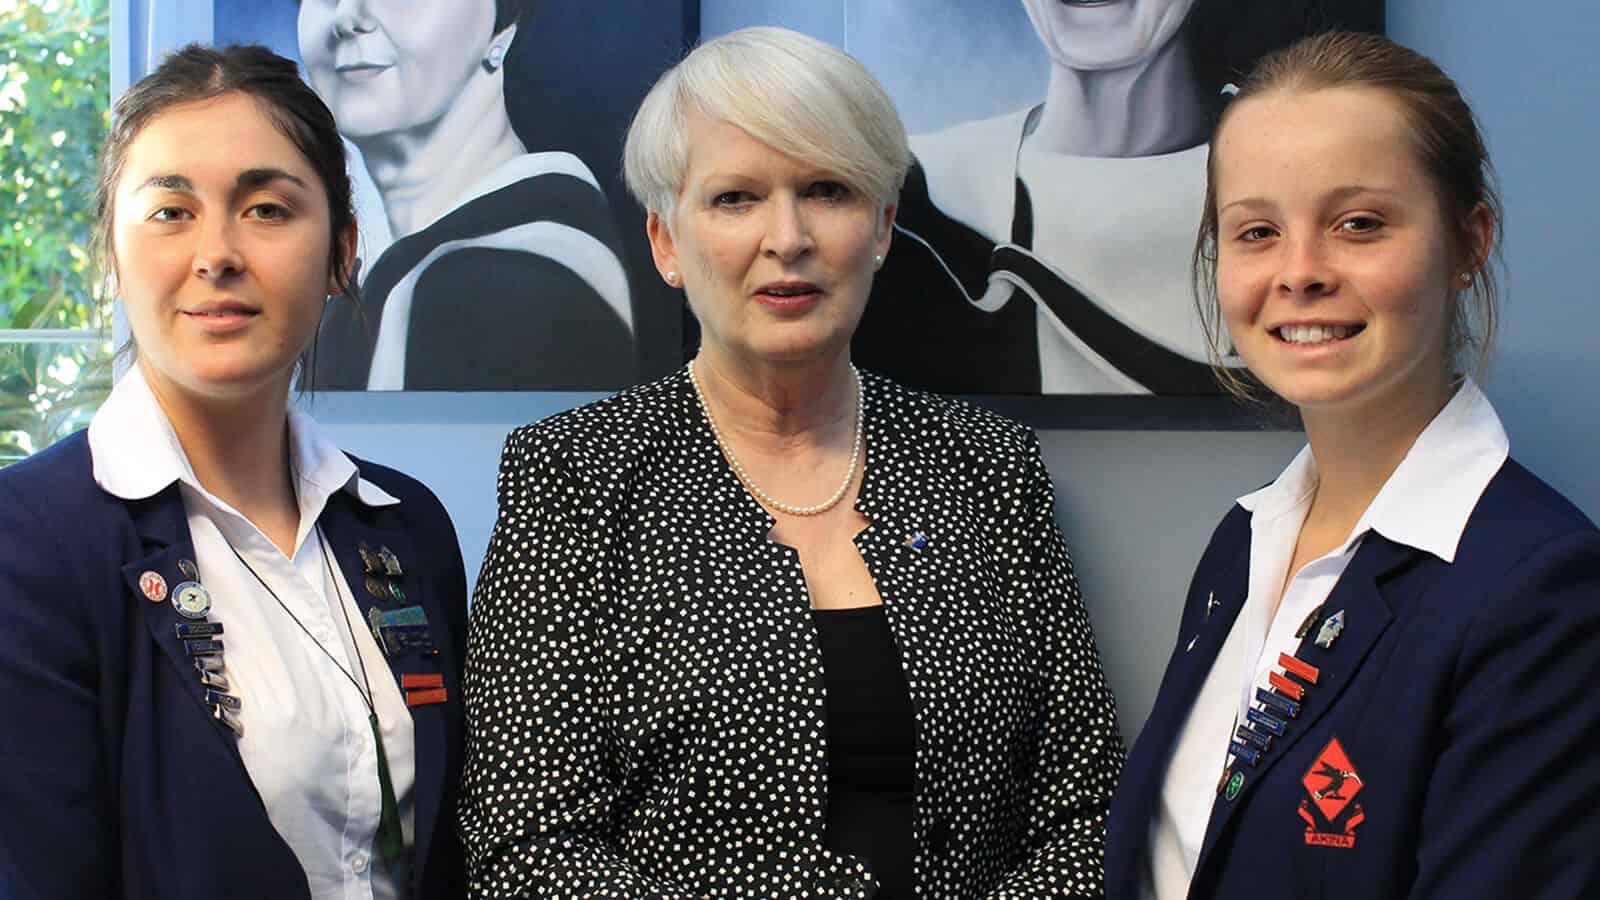 Deputy Head Girl Gabrielle Palmer, left; Head Girl Emma Cameron, right.